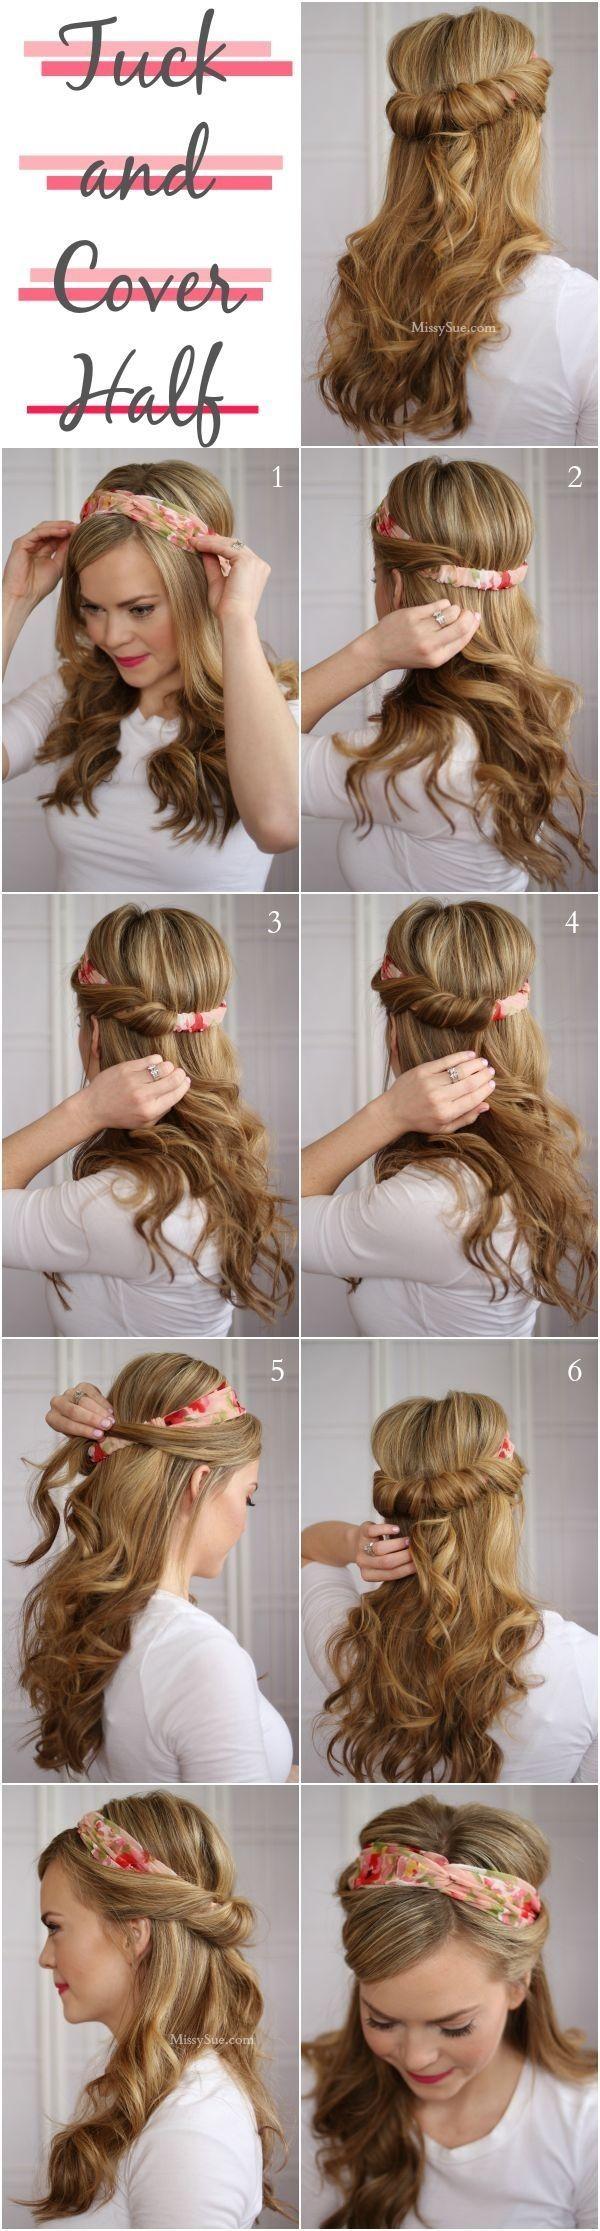 Poludignuta frizura s trakom